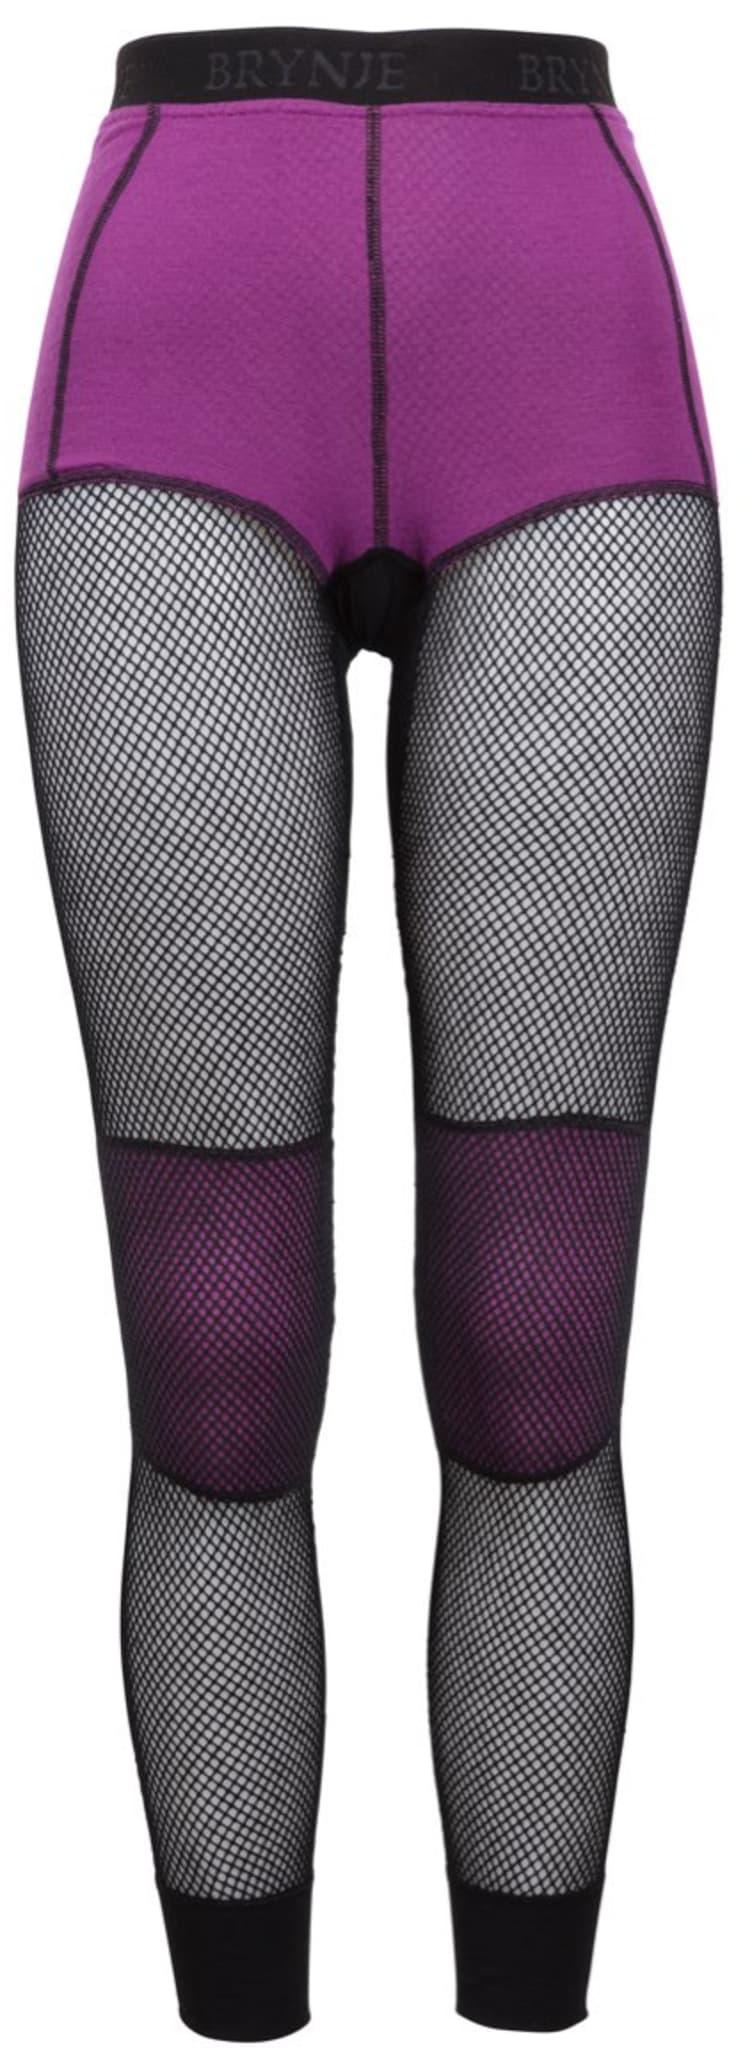 Longs med integrert boxer og innlegg på kne for bedre komfort.